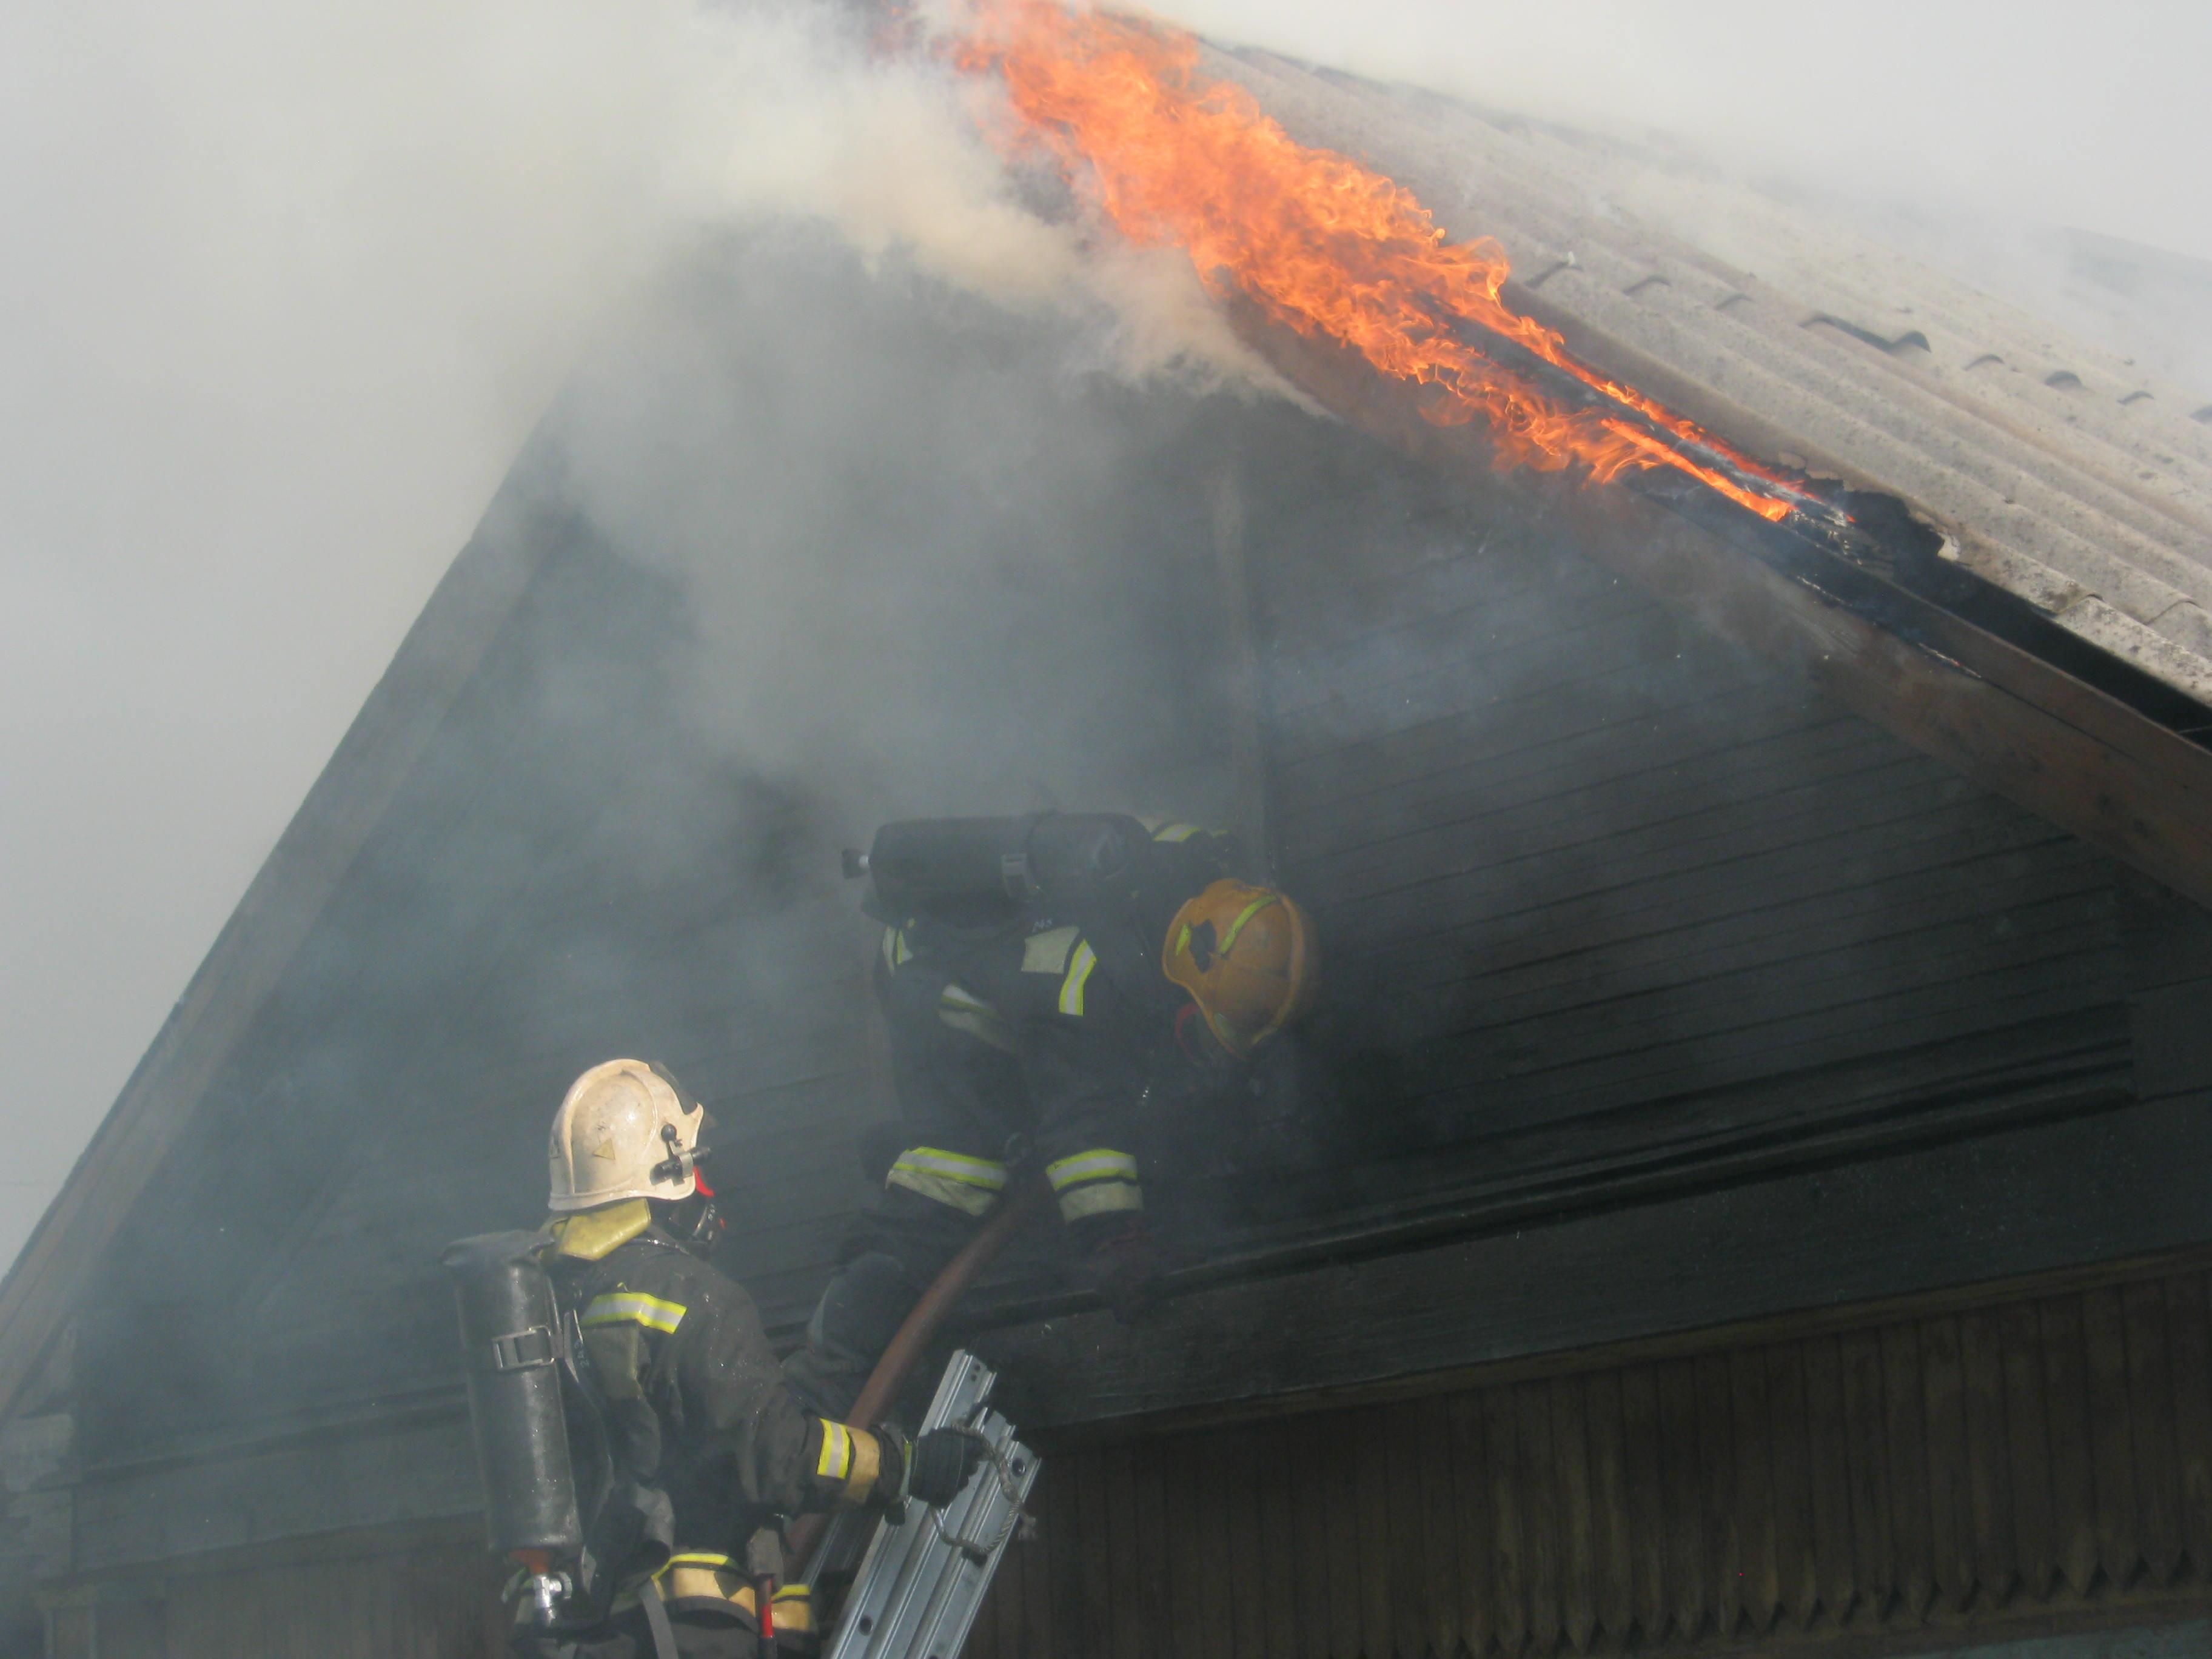 Пожарно-спасательные подразделения привлекались для ликвидации пожара в г. Суоярви.